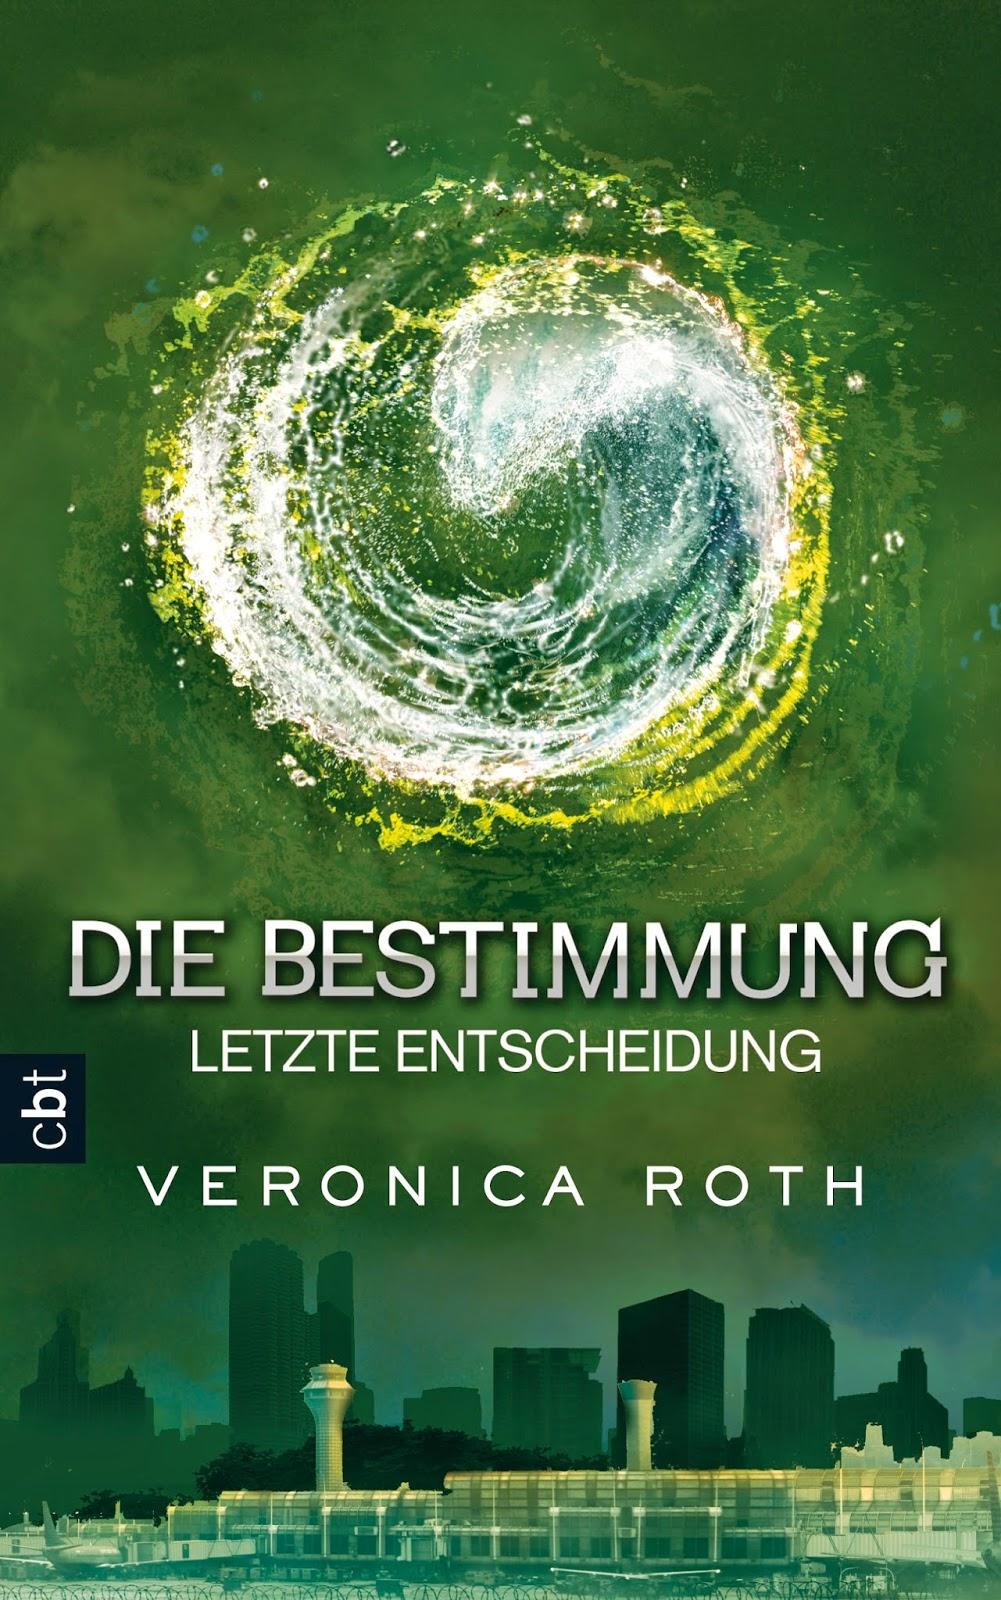 http://www.dasbuchgelaber.blogspot.de/2014/07/rezension-die-bestimmung-03-letzte.html